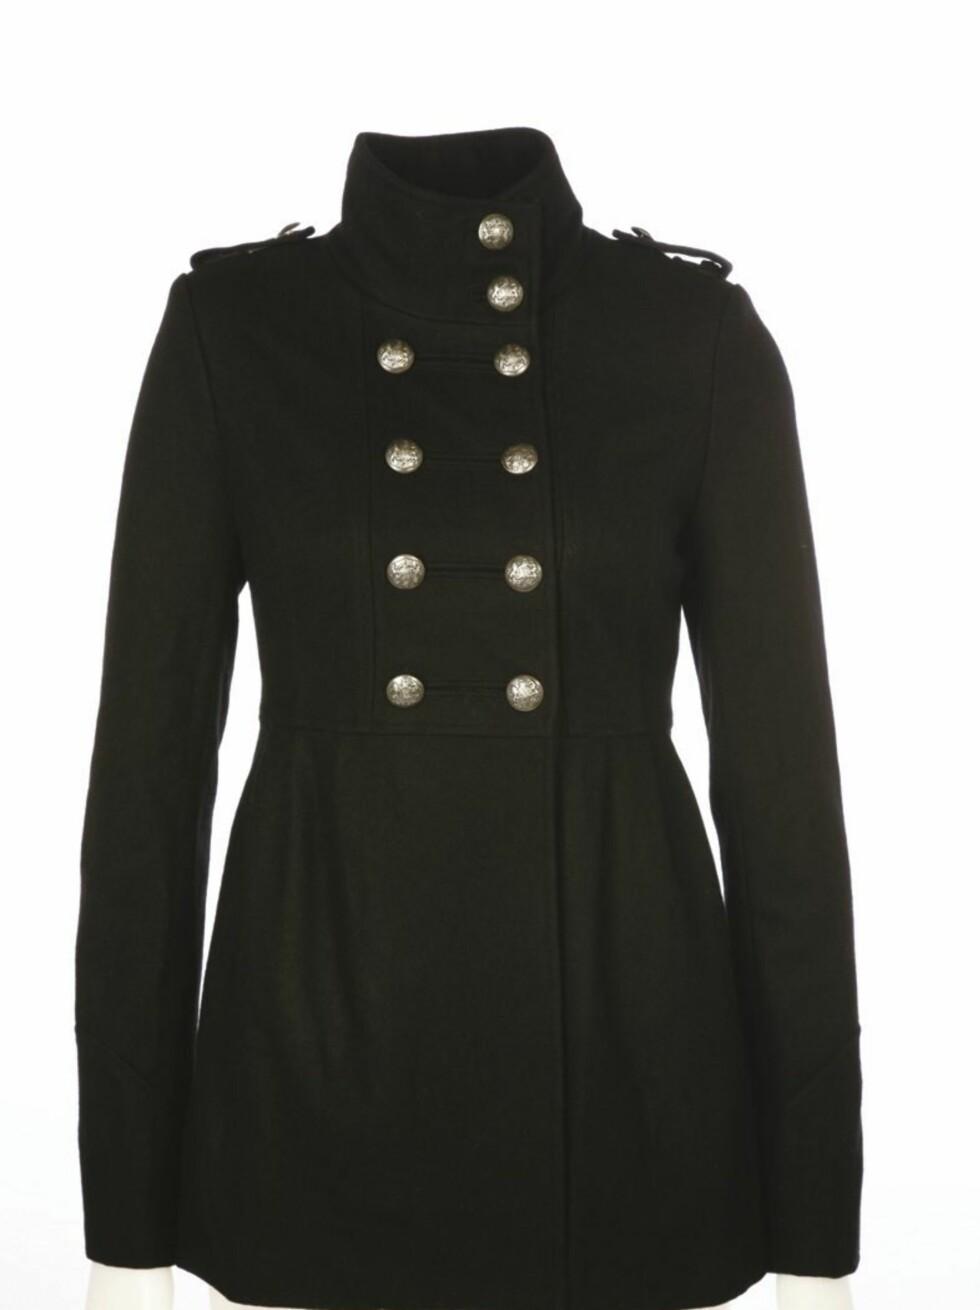 Militær-inspirert jakke med tøffe knapper (kr 800, Cubus).